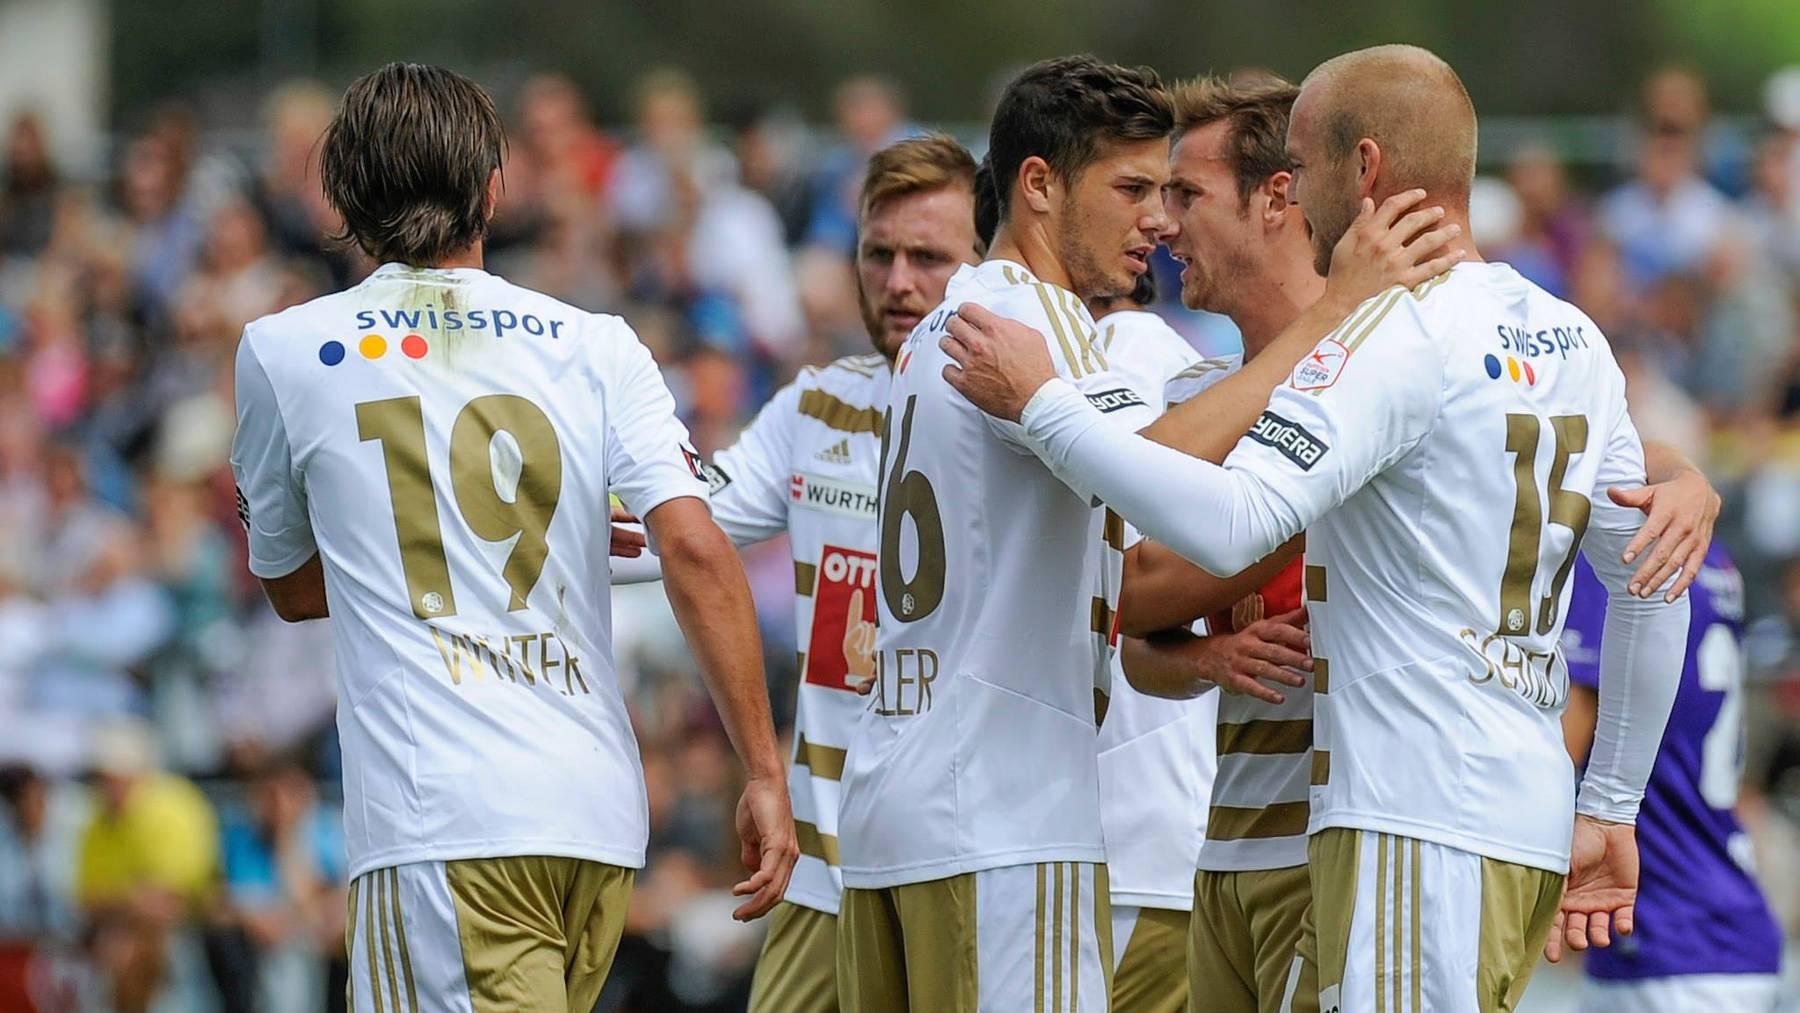 FCL trifft im Cup auf Schaffhausen